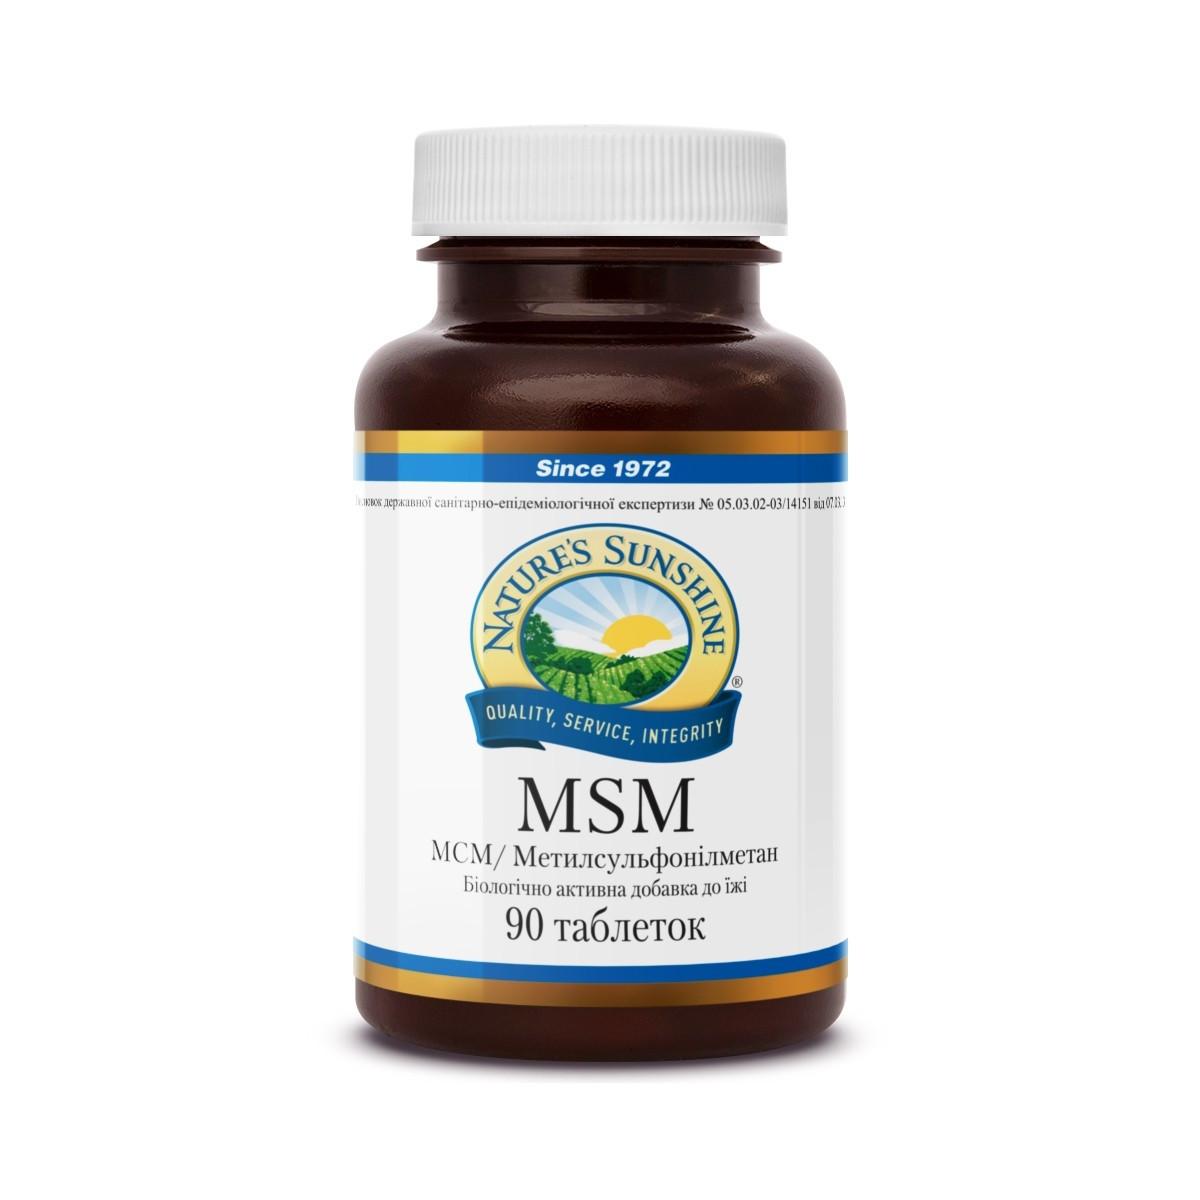 MSM МСМ (Метилсульфонилметан), NSP, США Продукт органического происхождения, содержащий серу